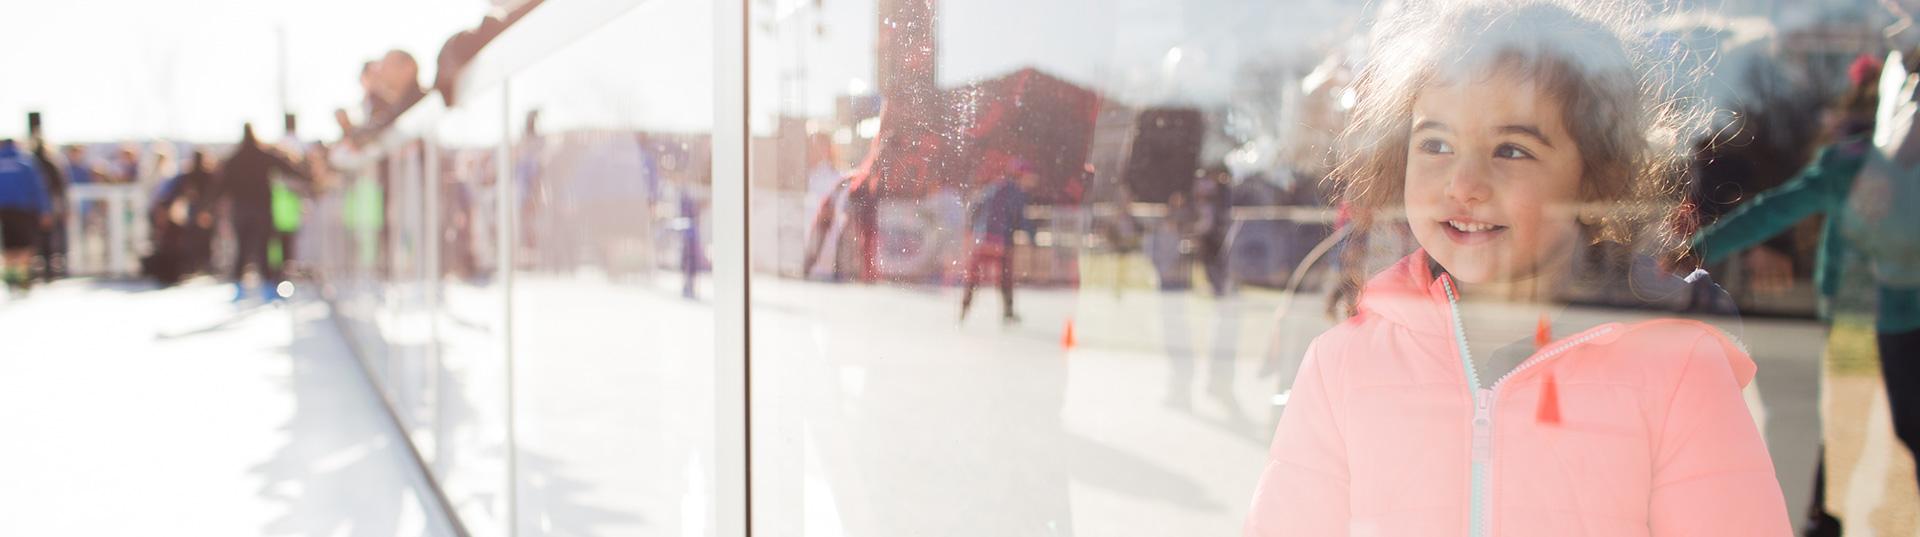 Plastieke ijsbaan van Xtraice